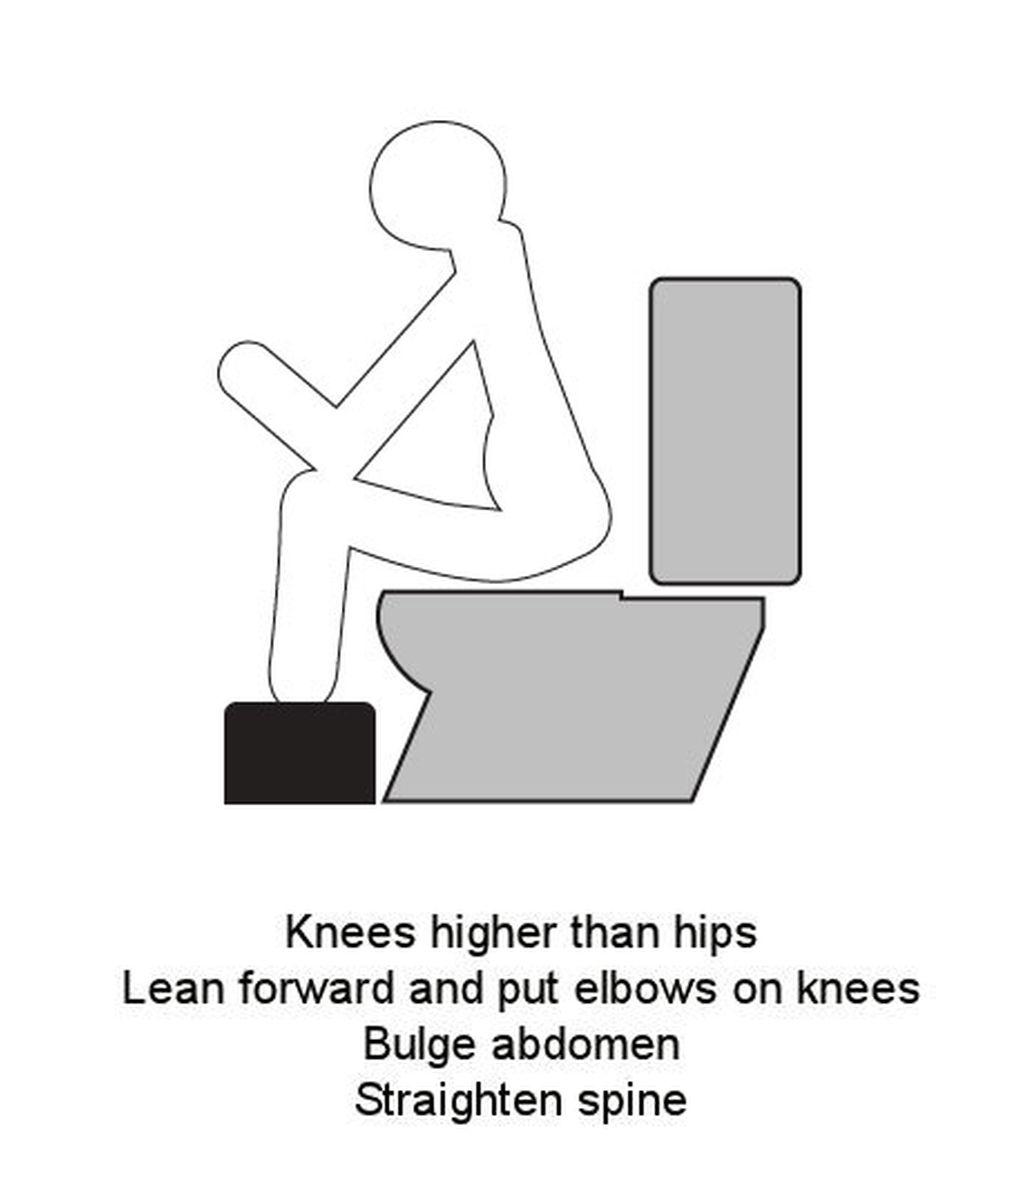 Este cambio de hábitos podría ayudar a mantener los baños públicos más limpios y en mejores condiciones higiénicas.